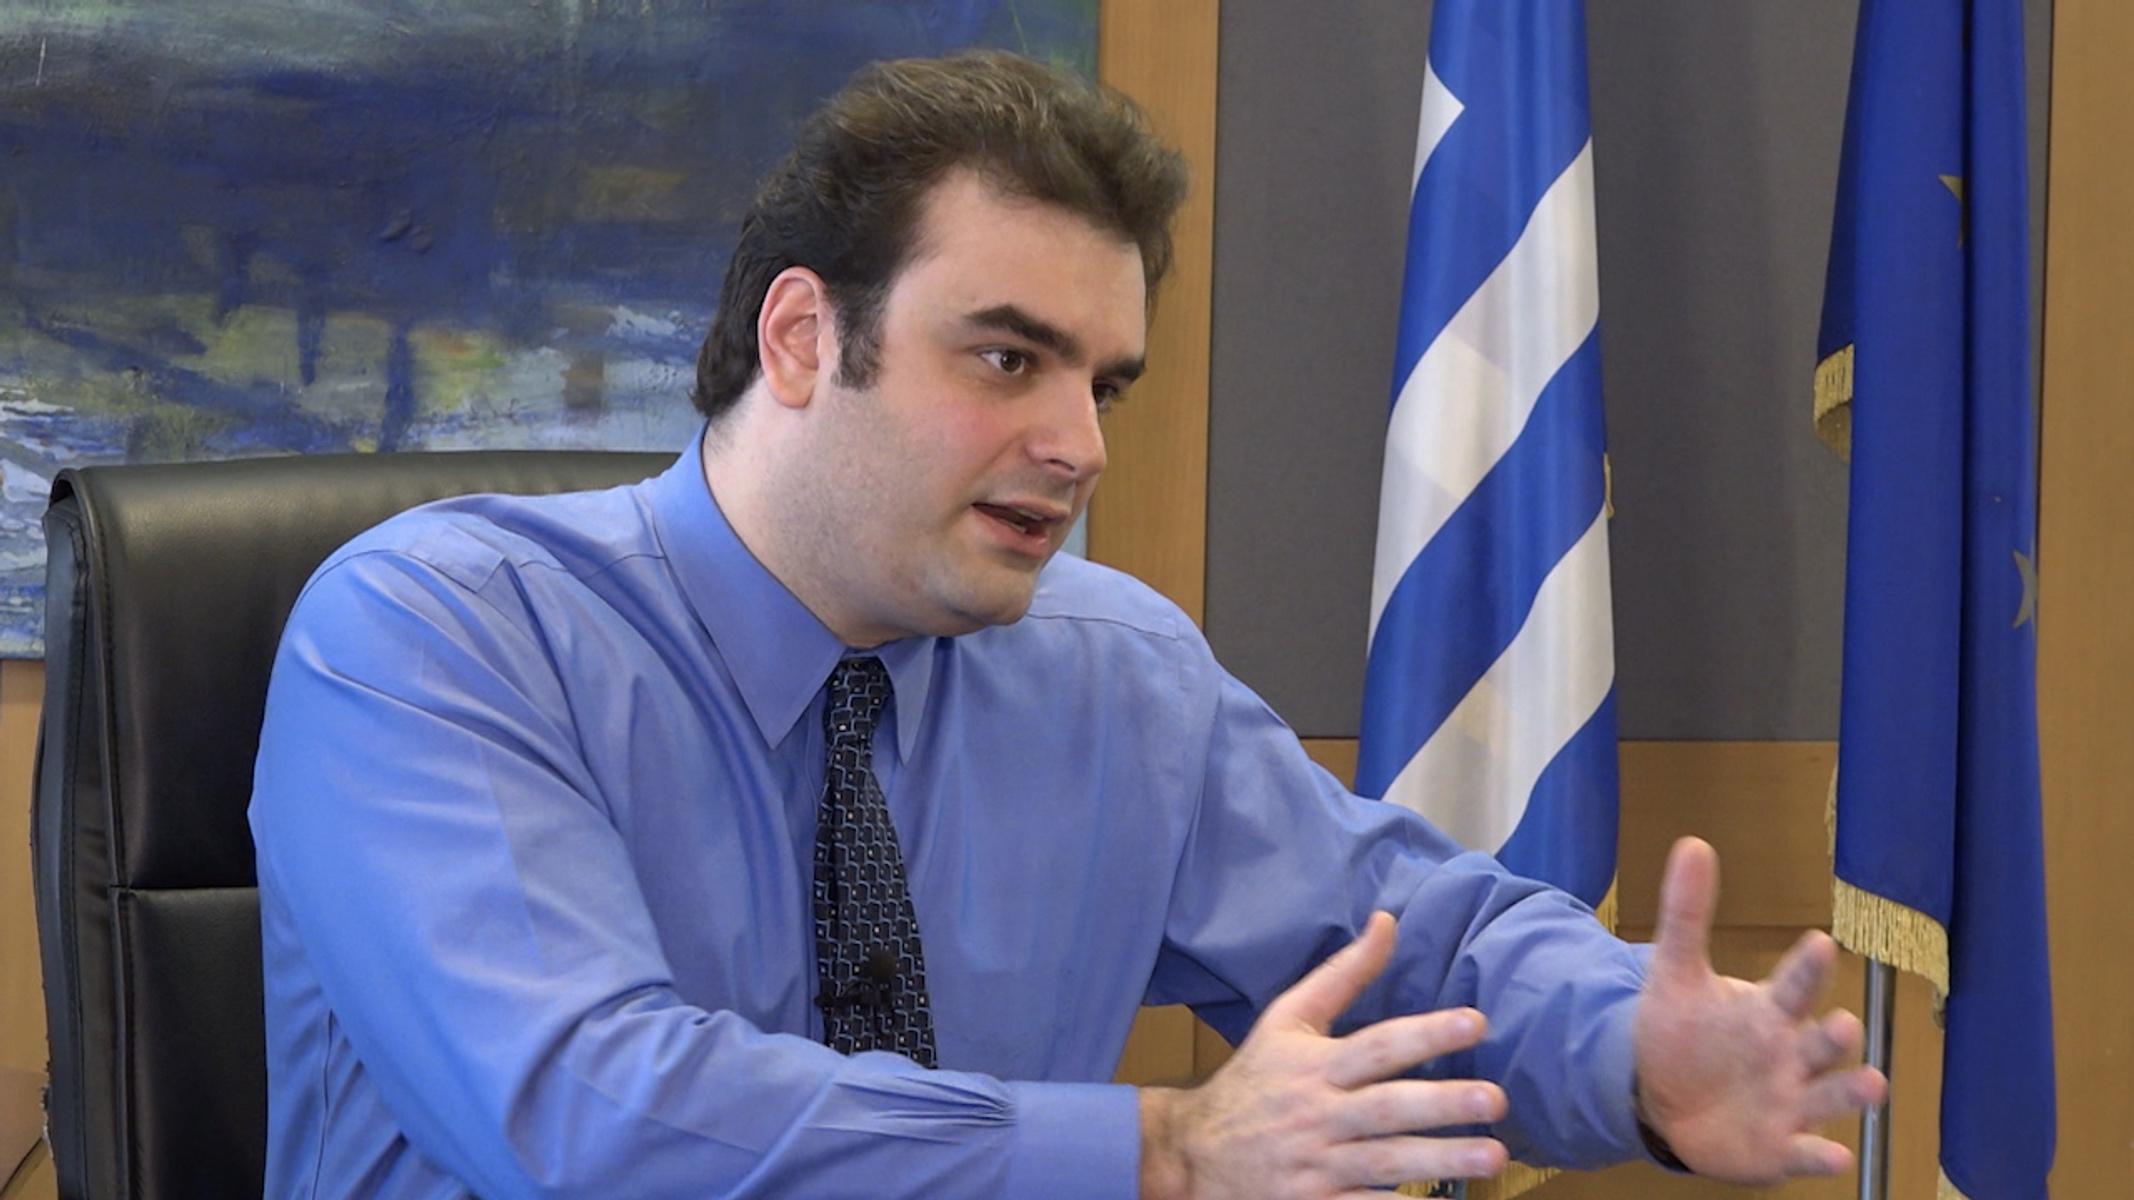 Κυρ. Πιερρακάκης: «Σχέδιο Μάρσαλ» 6 δισ. ευρώ σε πληροφορική και τηλεπικοινωνίες